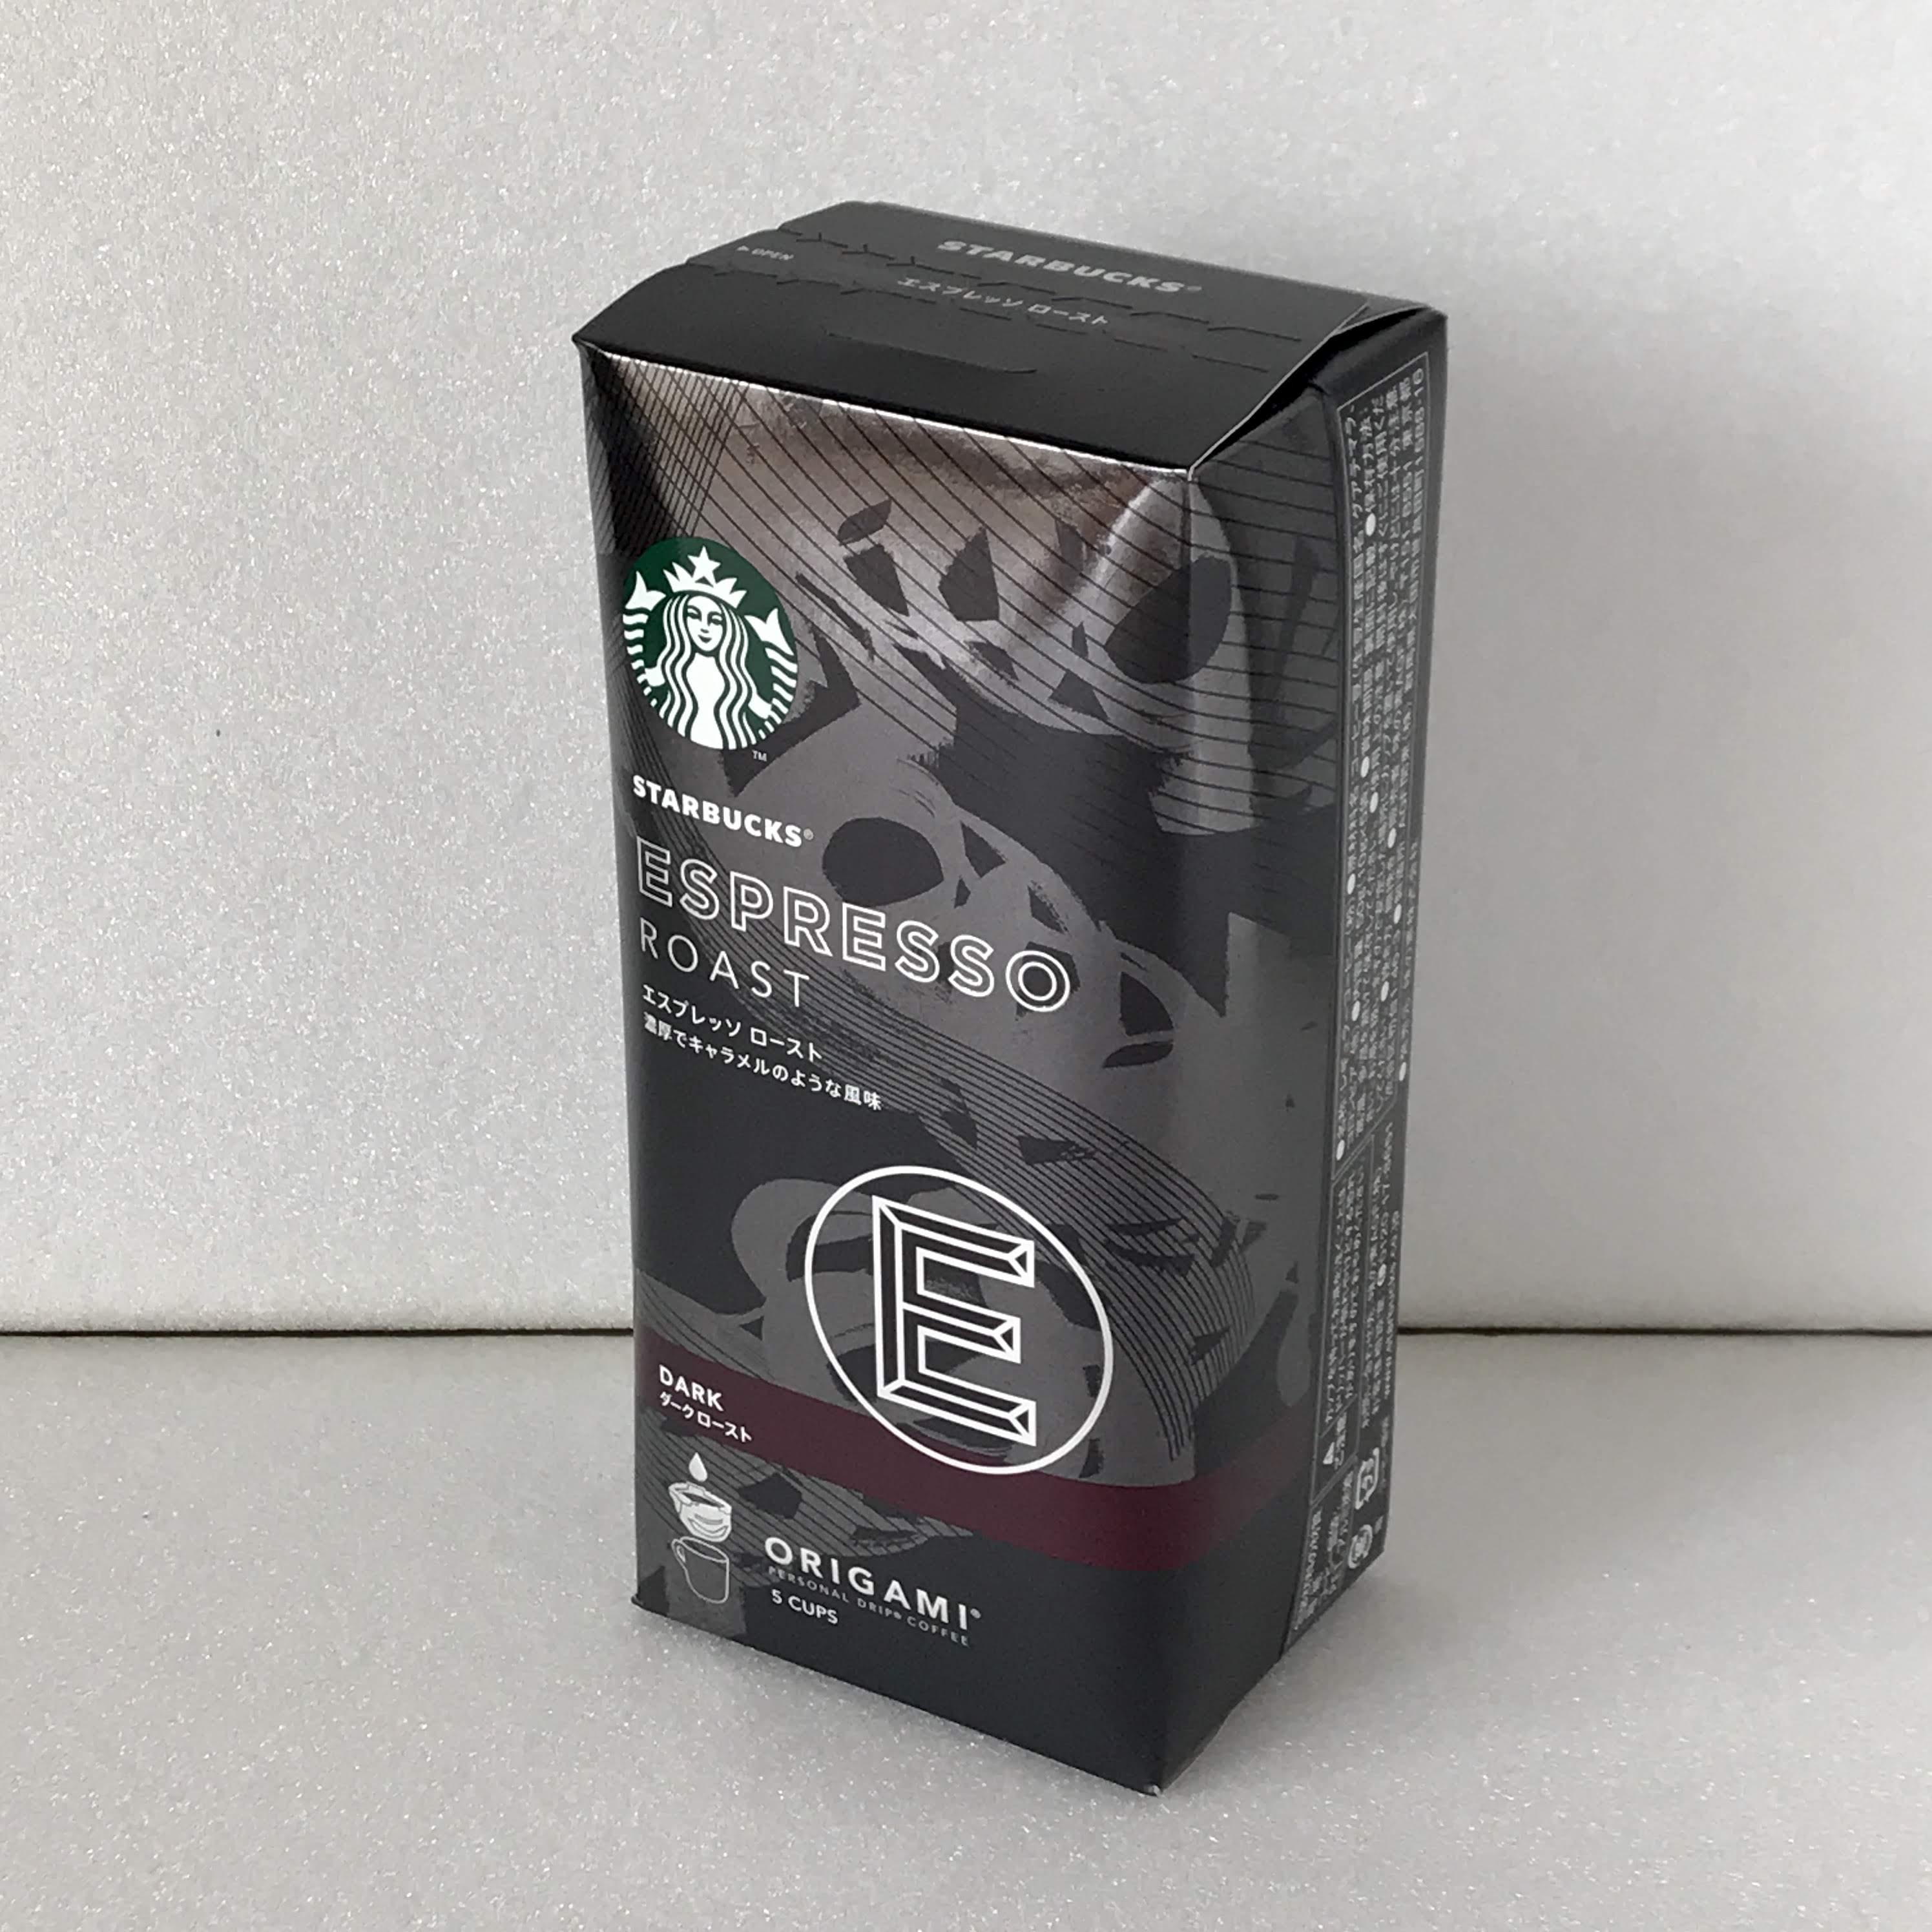 コーヒーパッケージも同様に撮影